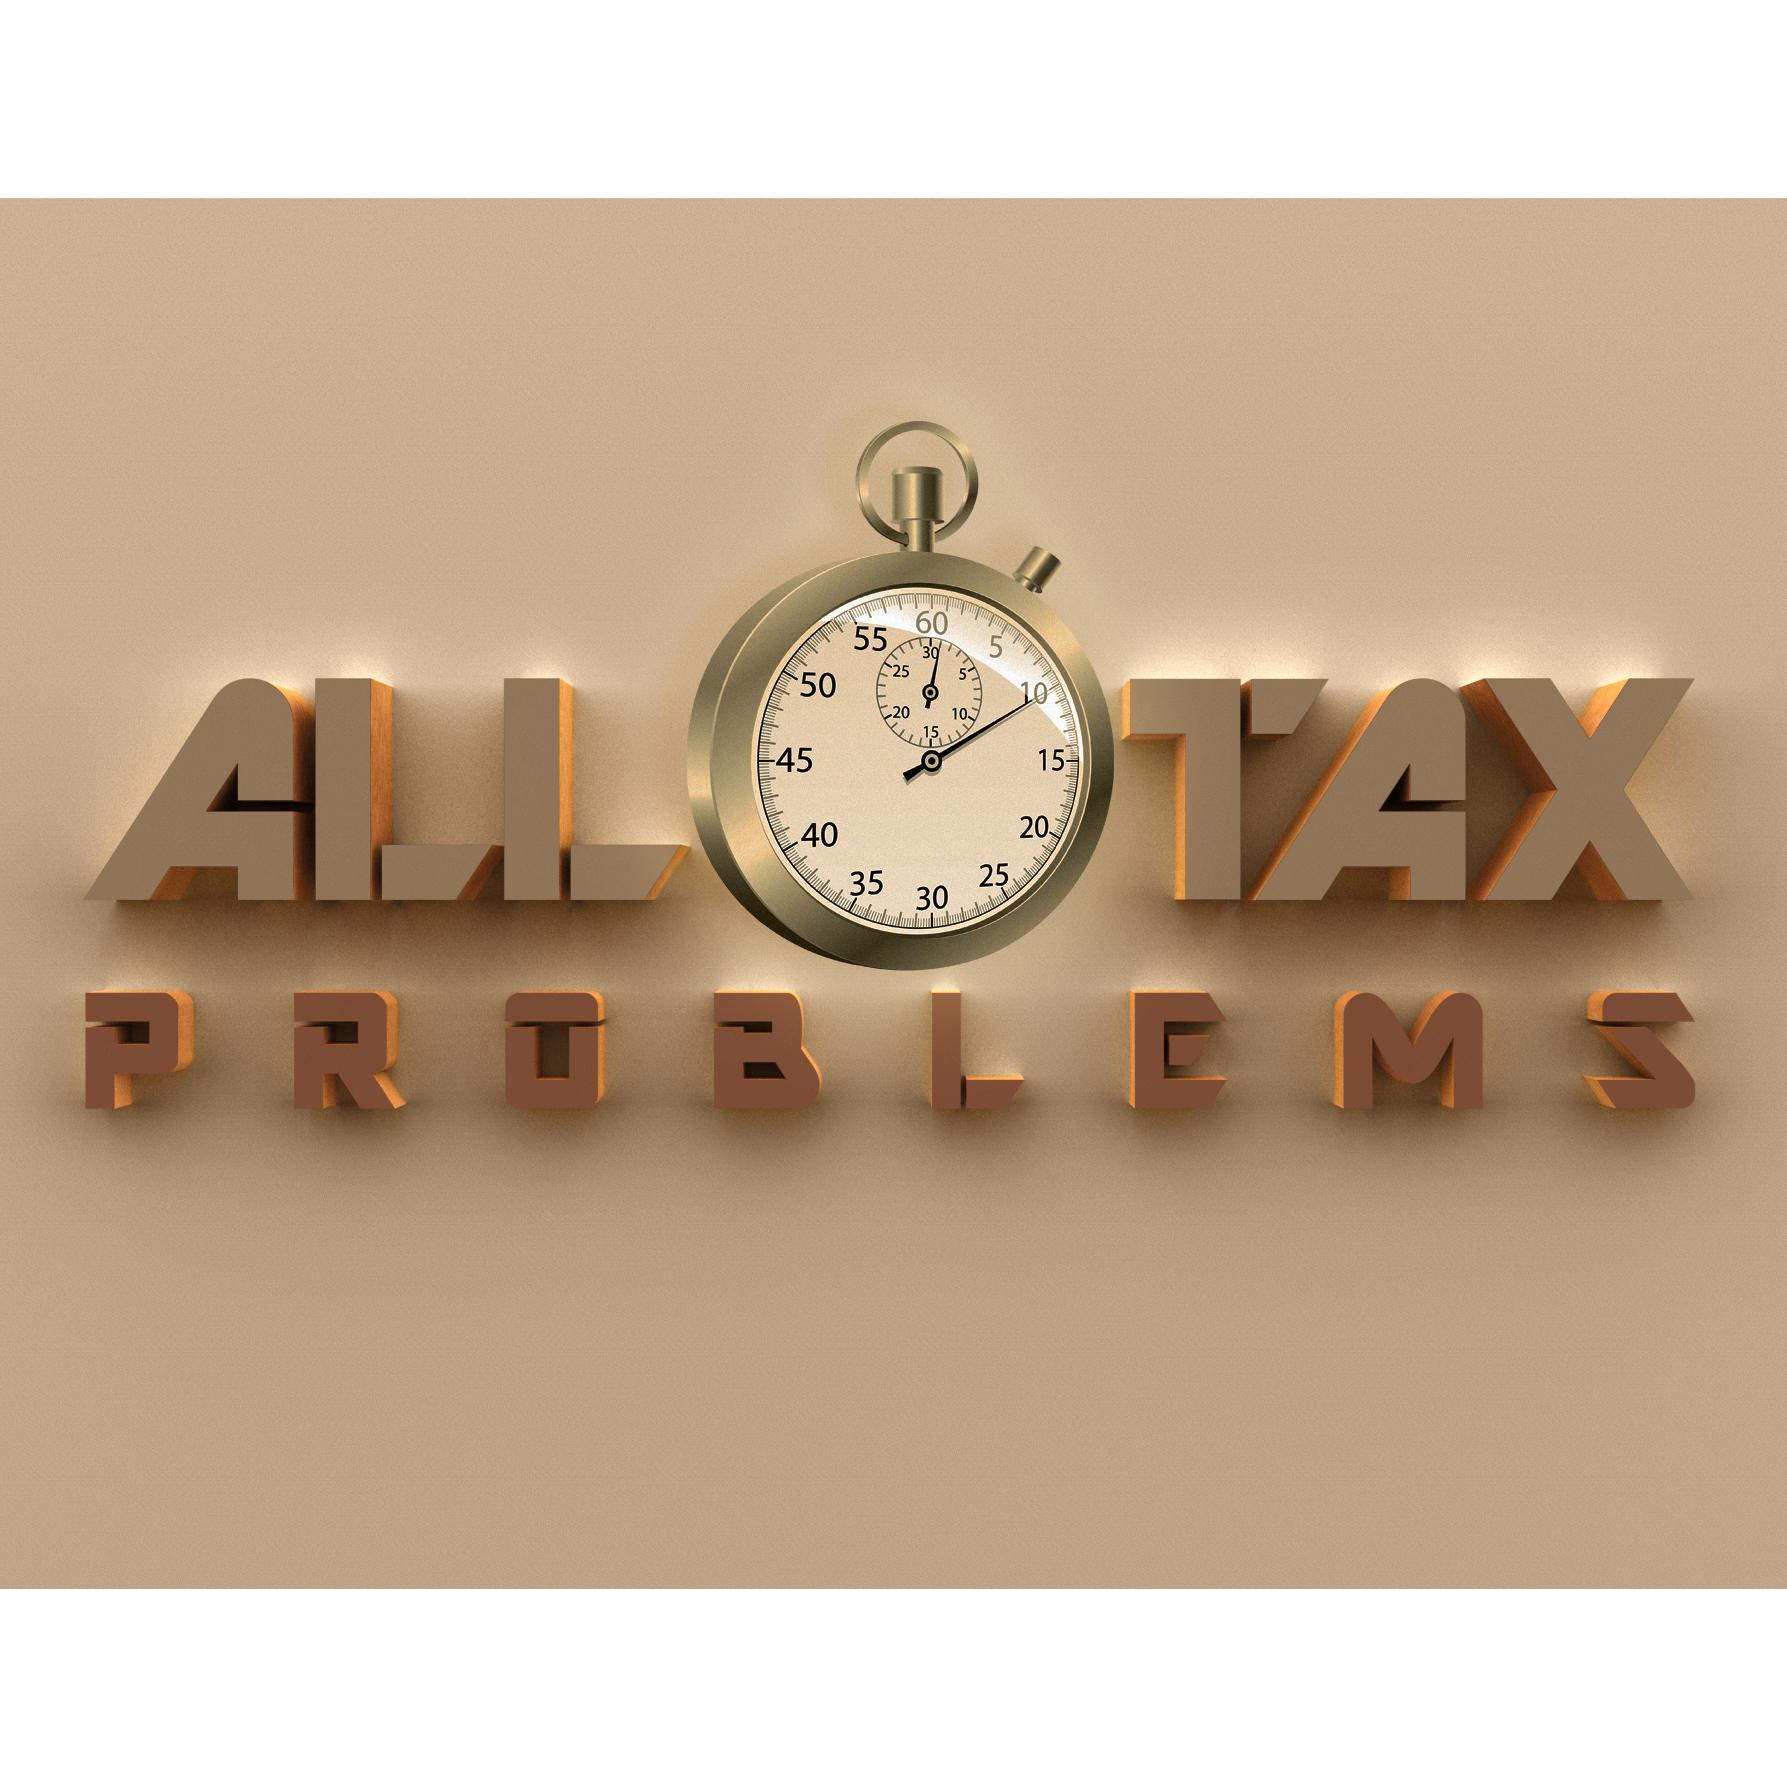 ALL Tax Problems | IRS Tax Debt | Tax Attorney Riverside CA